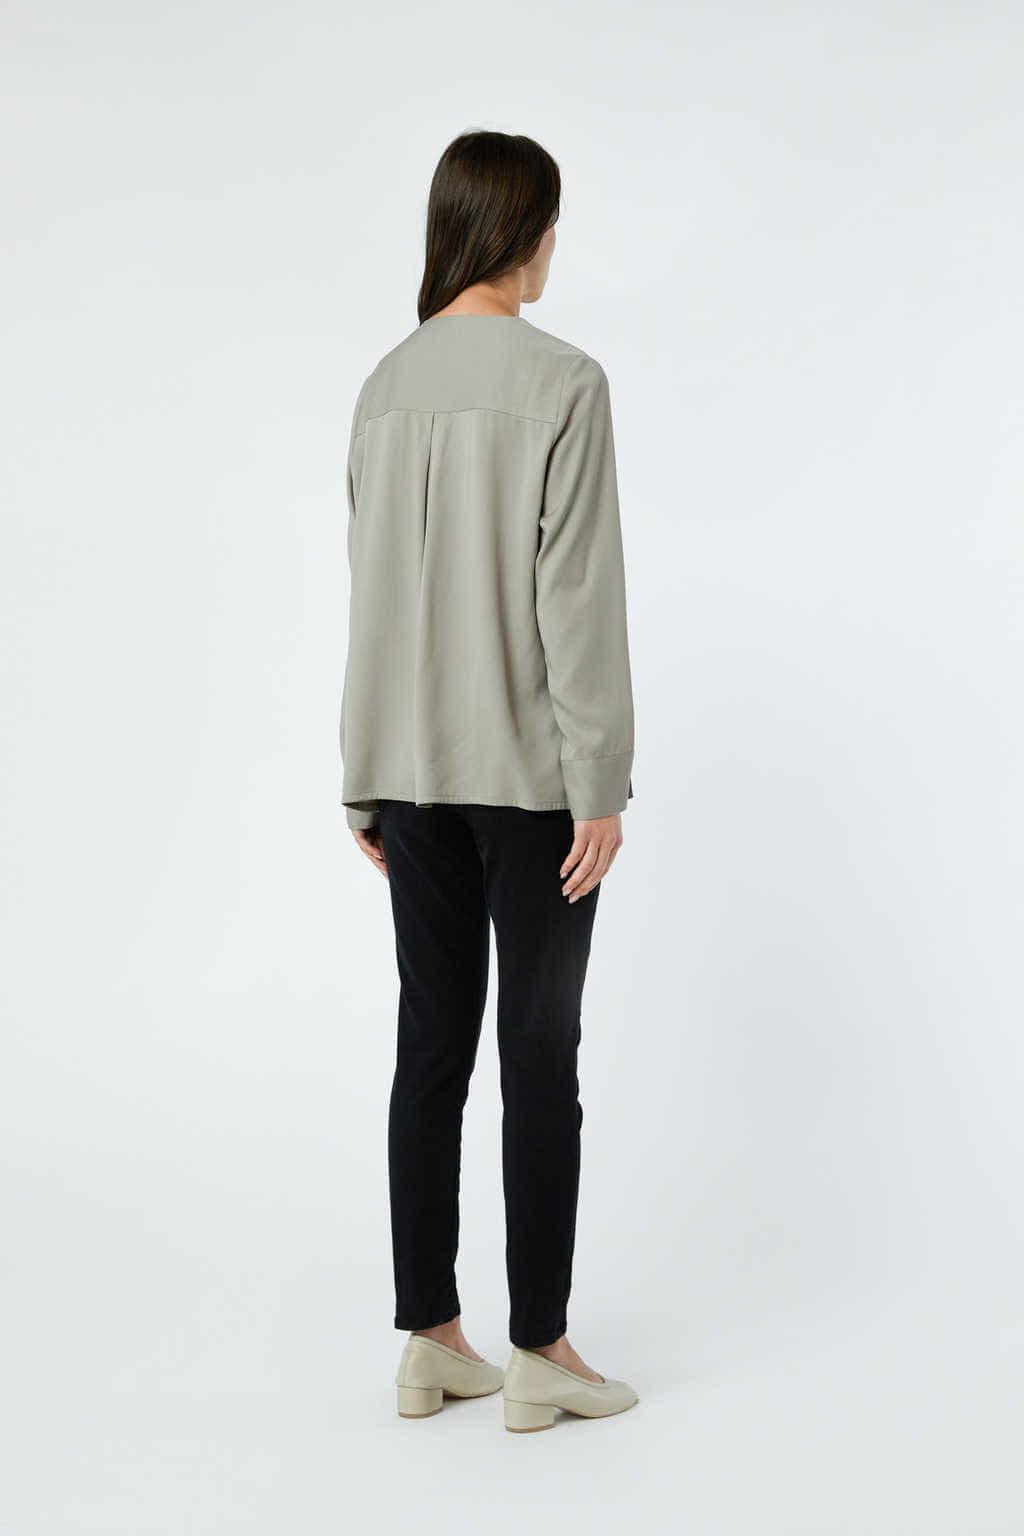 Blouse 2957 Gray 6